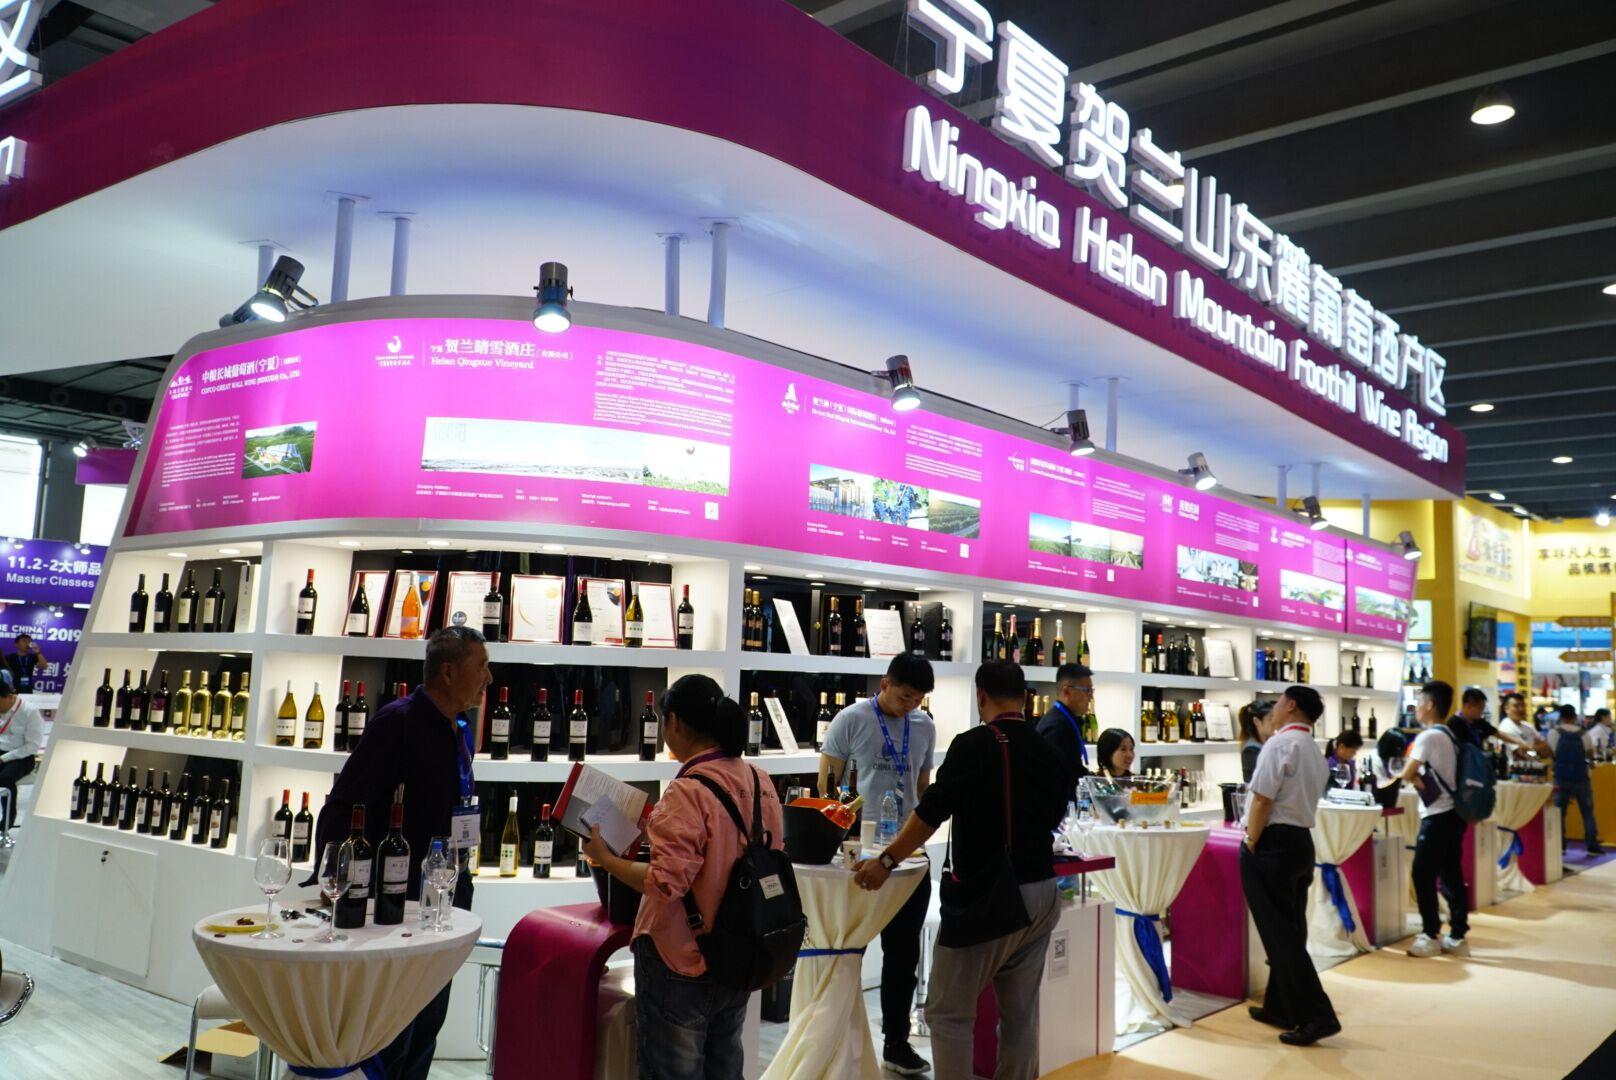 贺兰山东麓24家酒庄组团参展中国(广州)国际名酒展